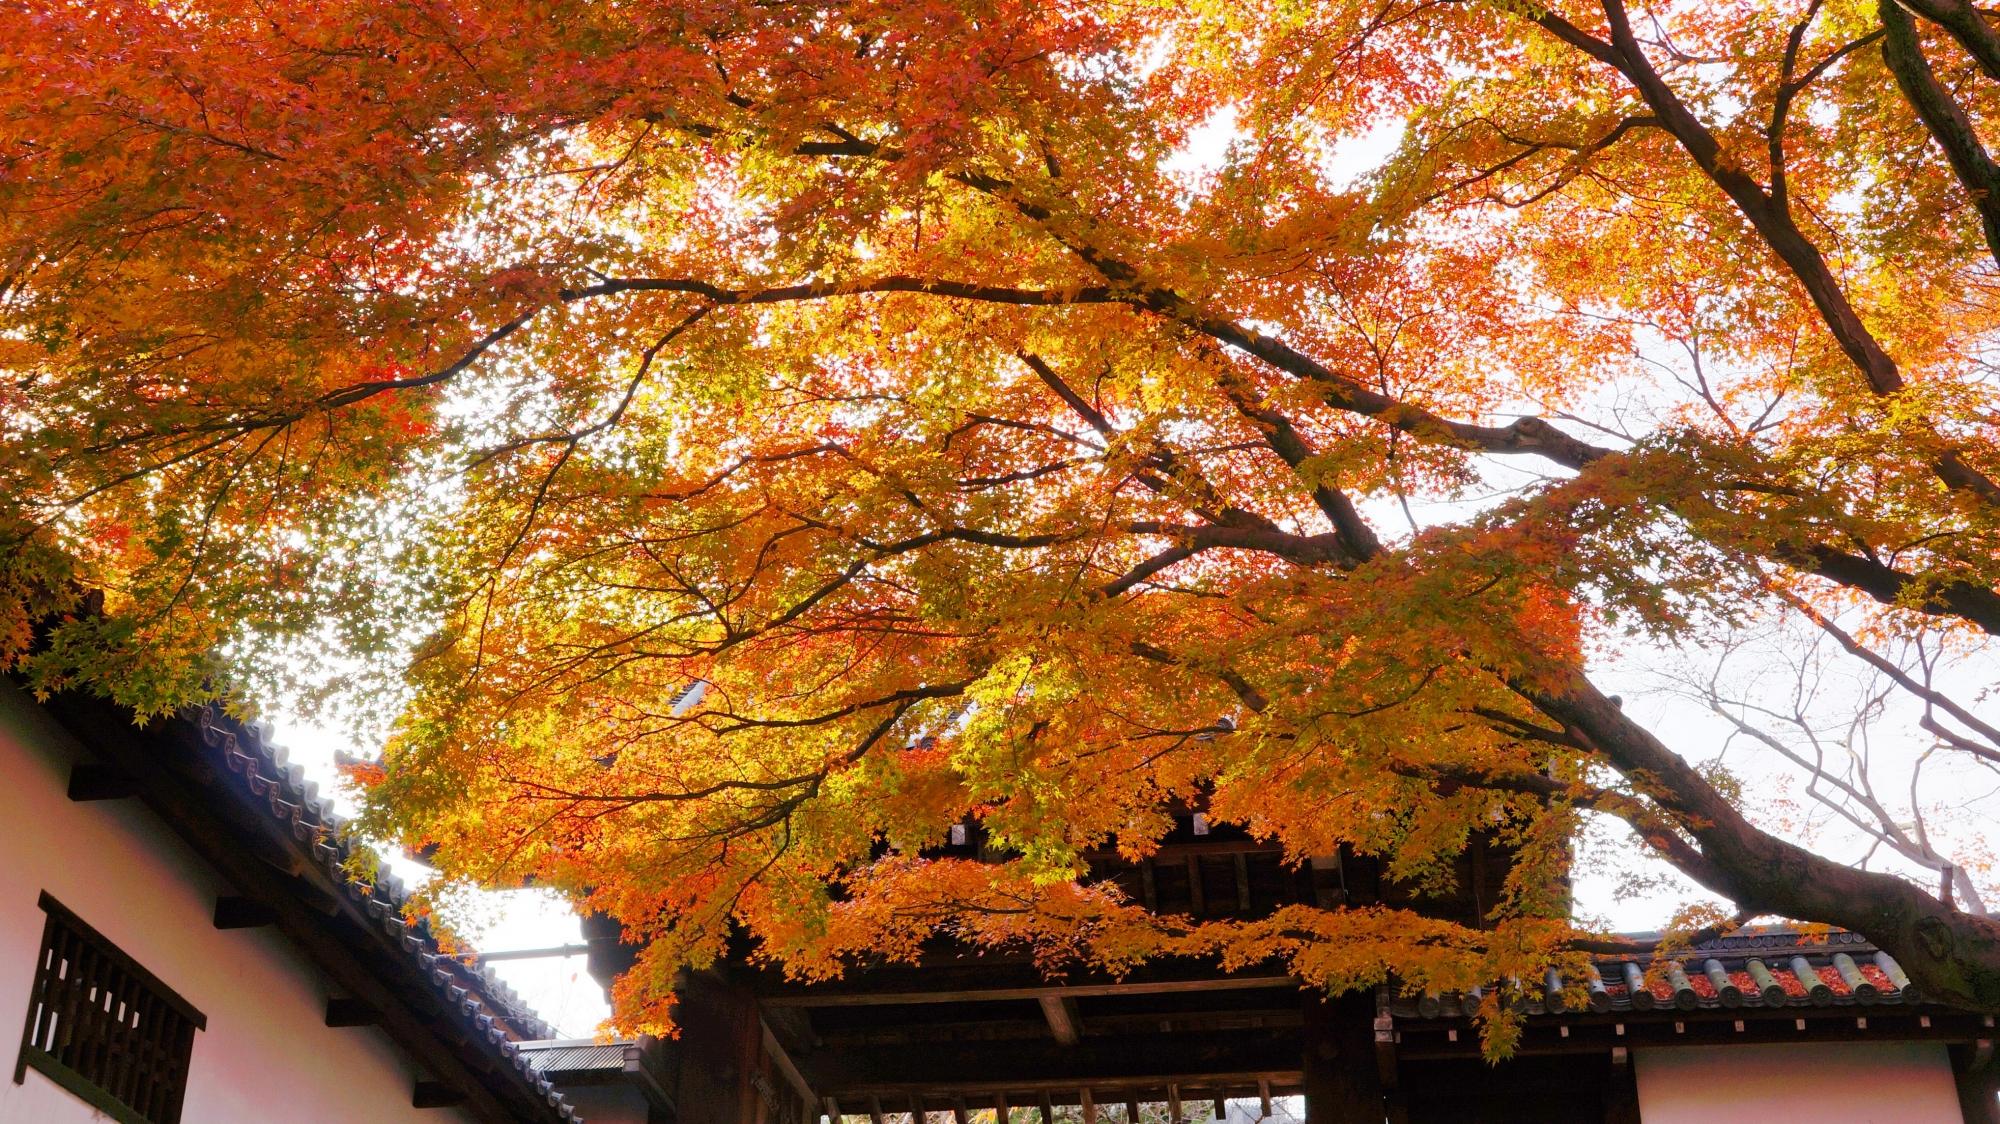 知恩院の北門と空を覆う暖かな色合いの紅葉